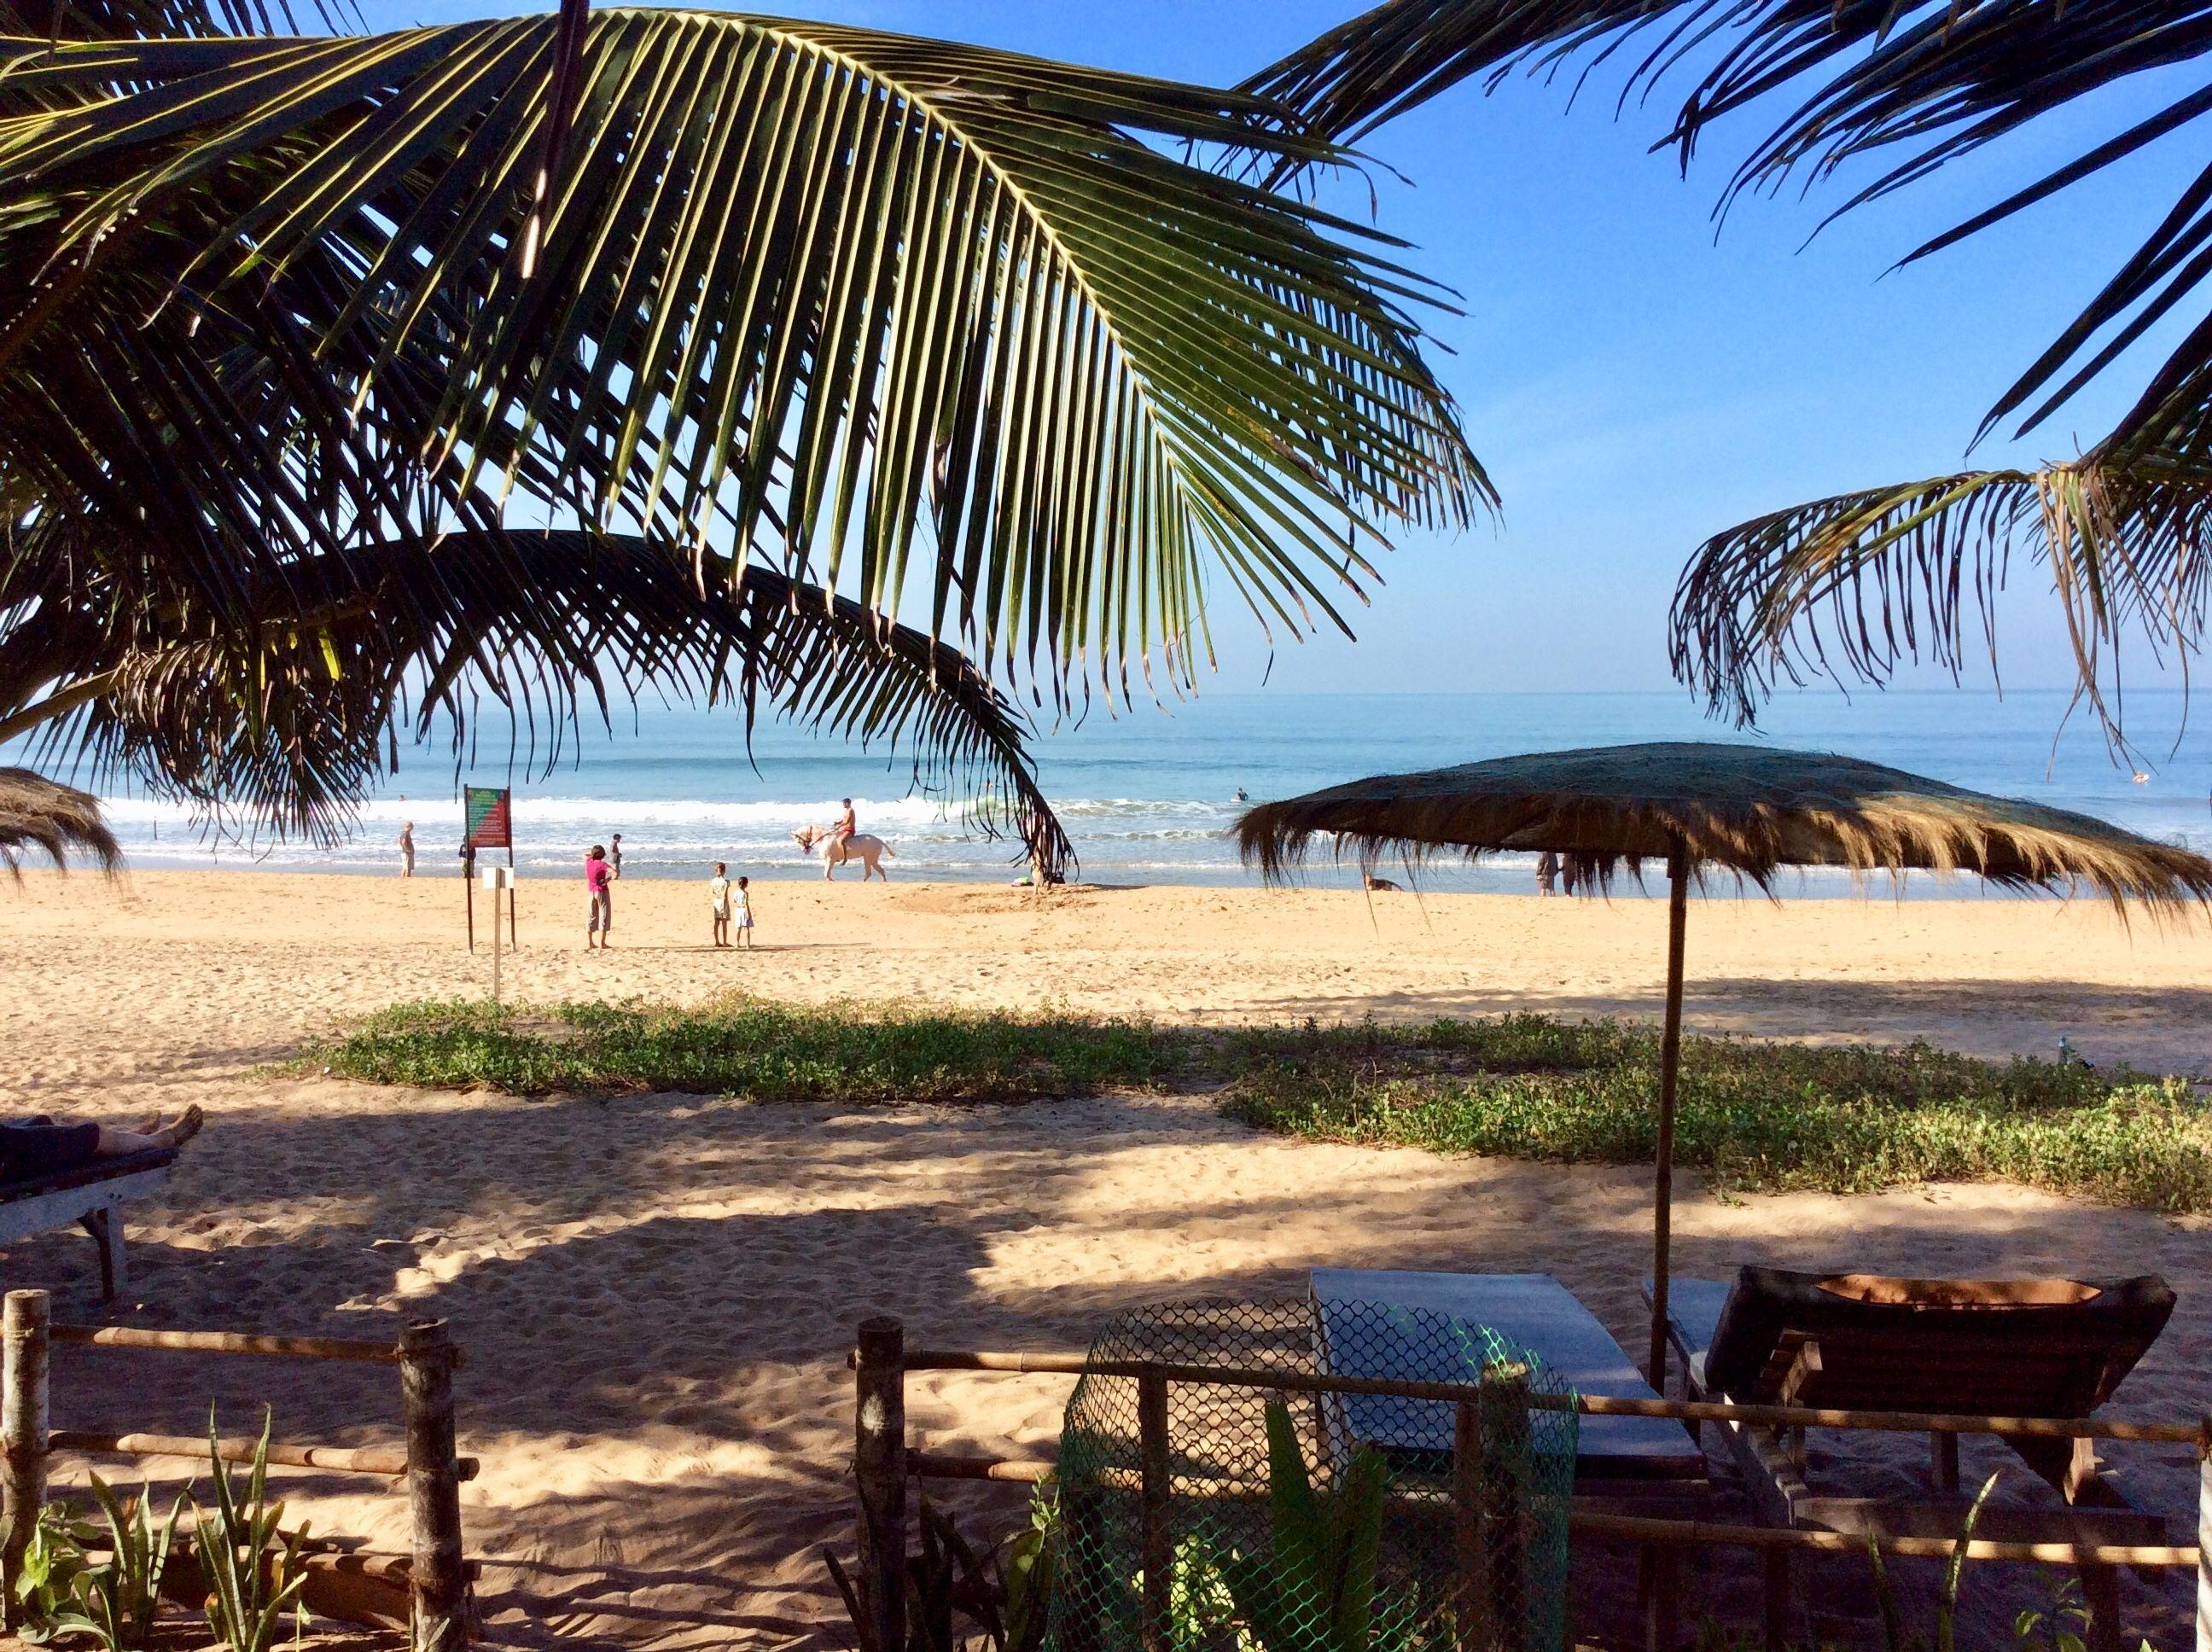 Agonda Beach Goa Beach Palm Trees Sea Shells